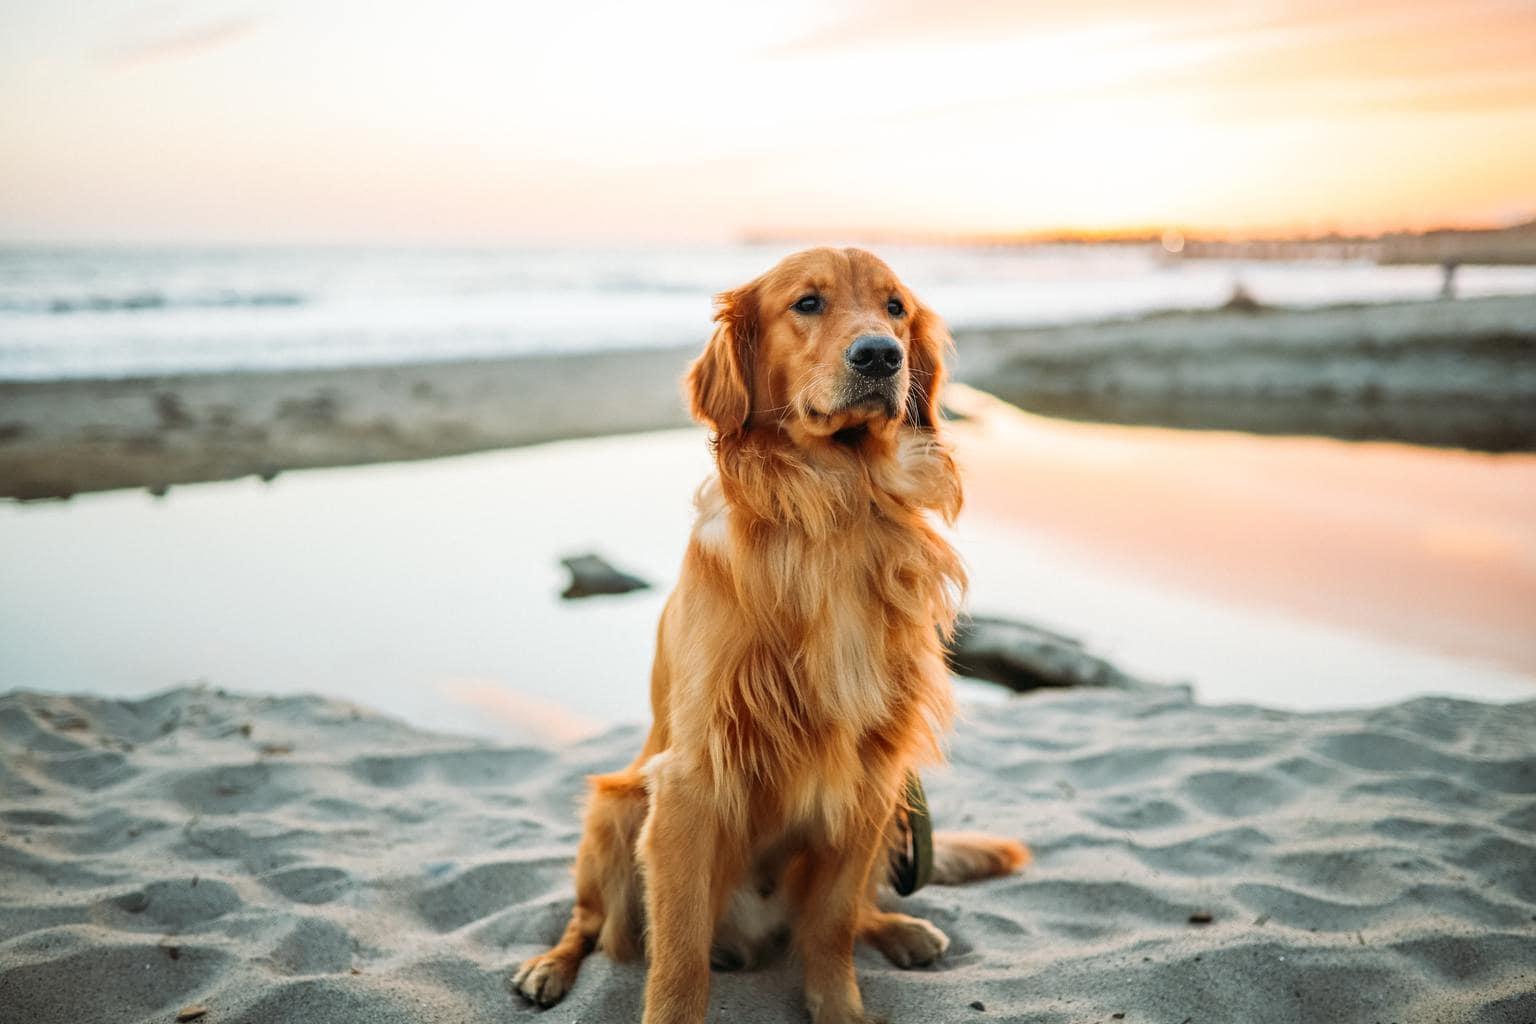 foto de perro en la playa al atardecer